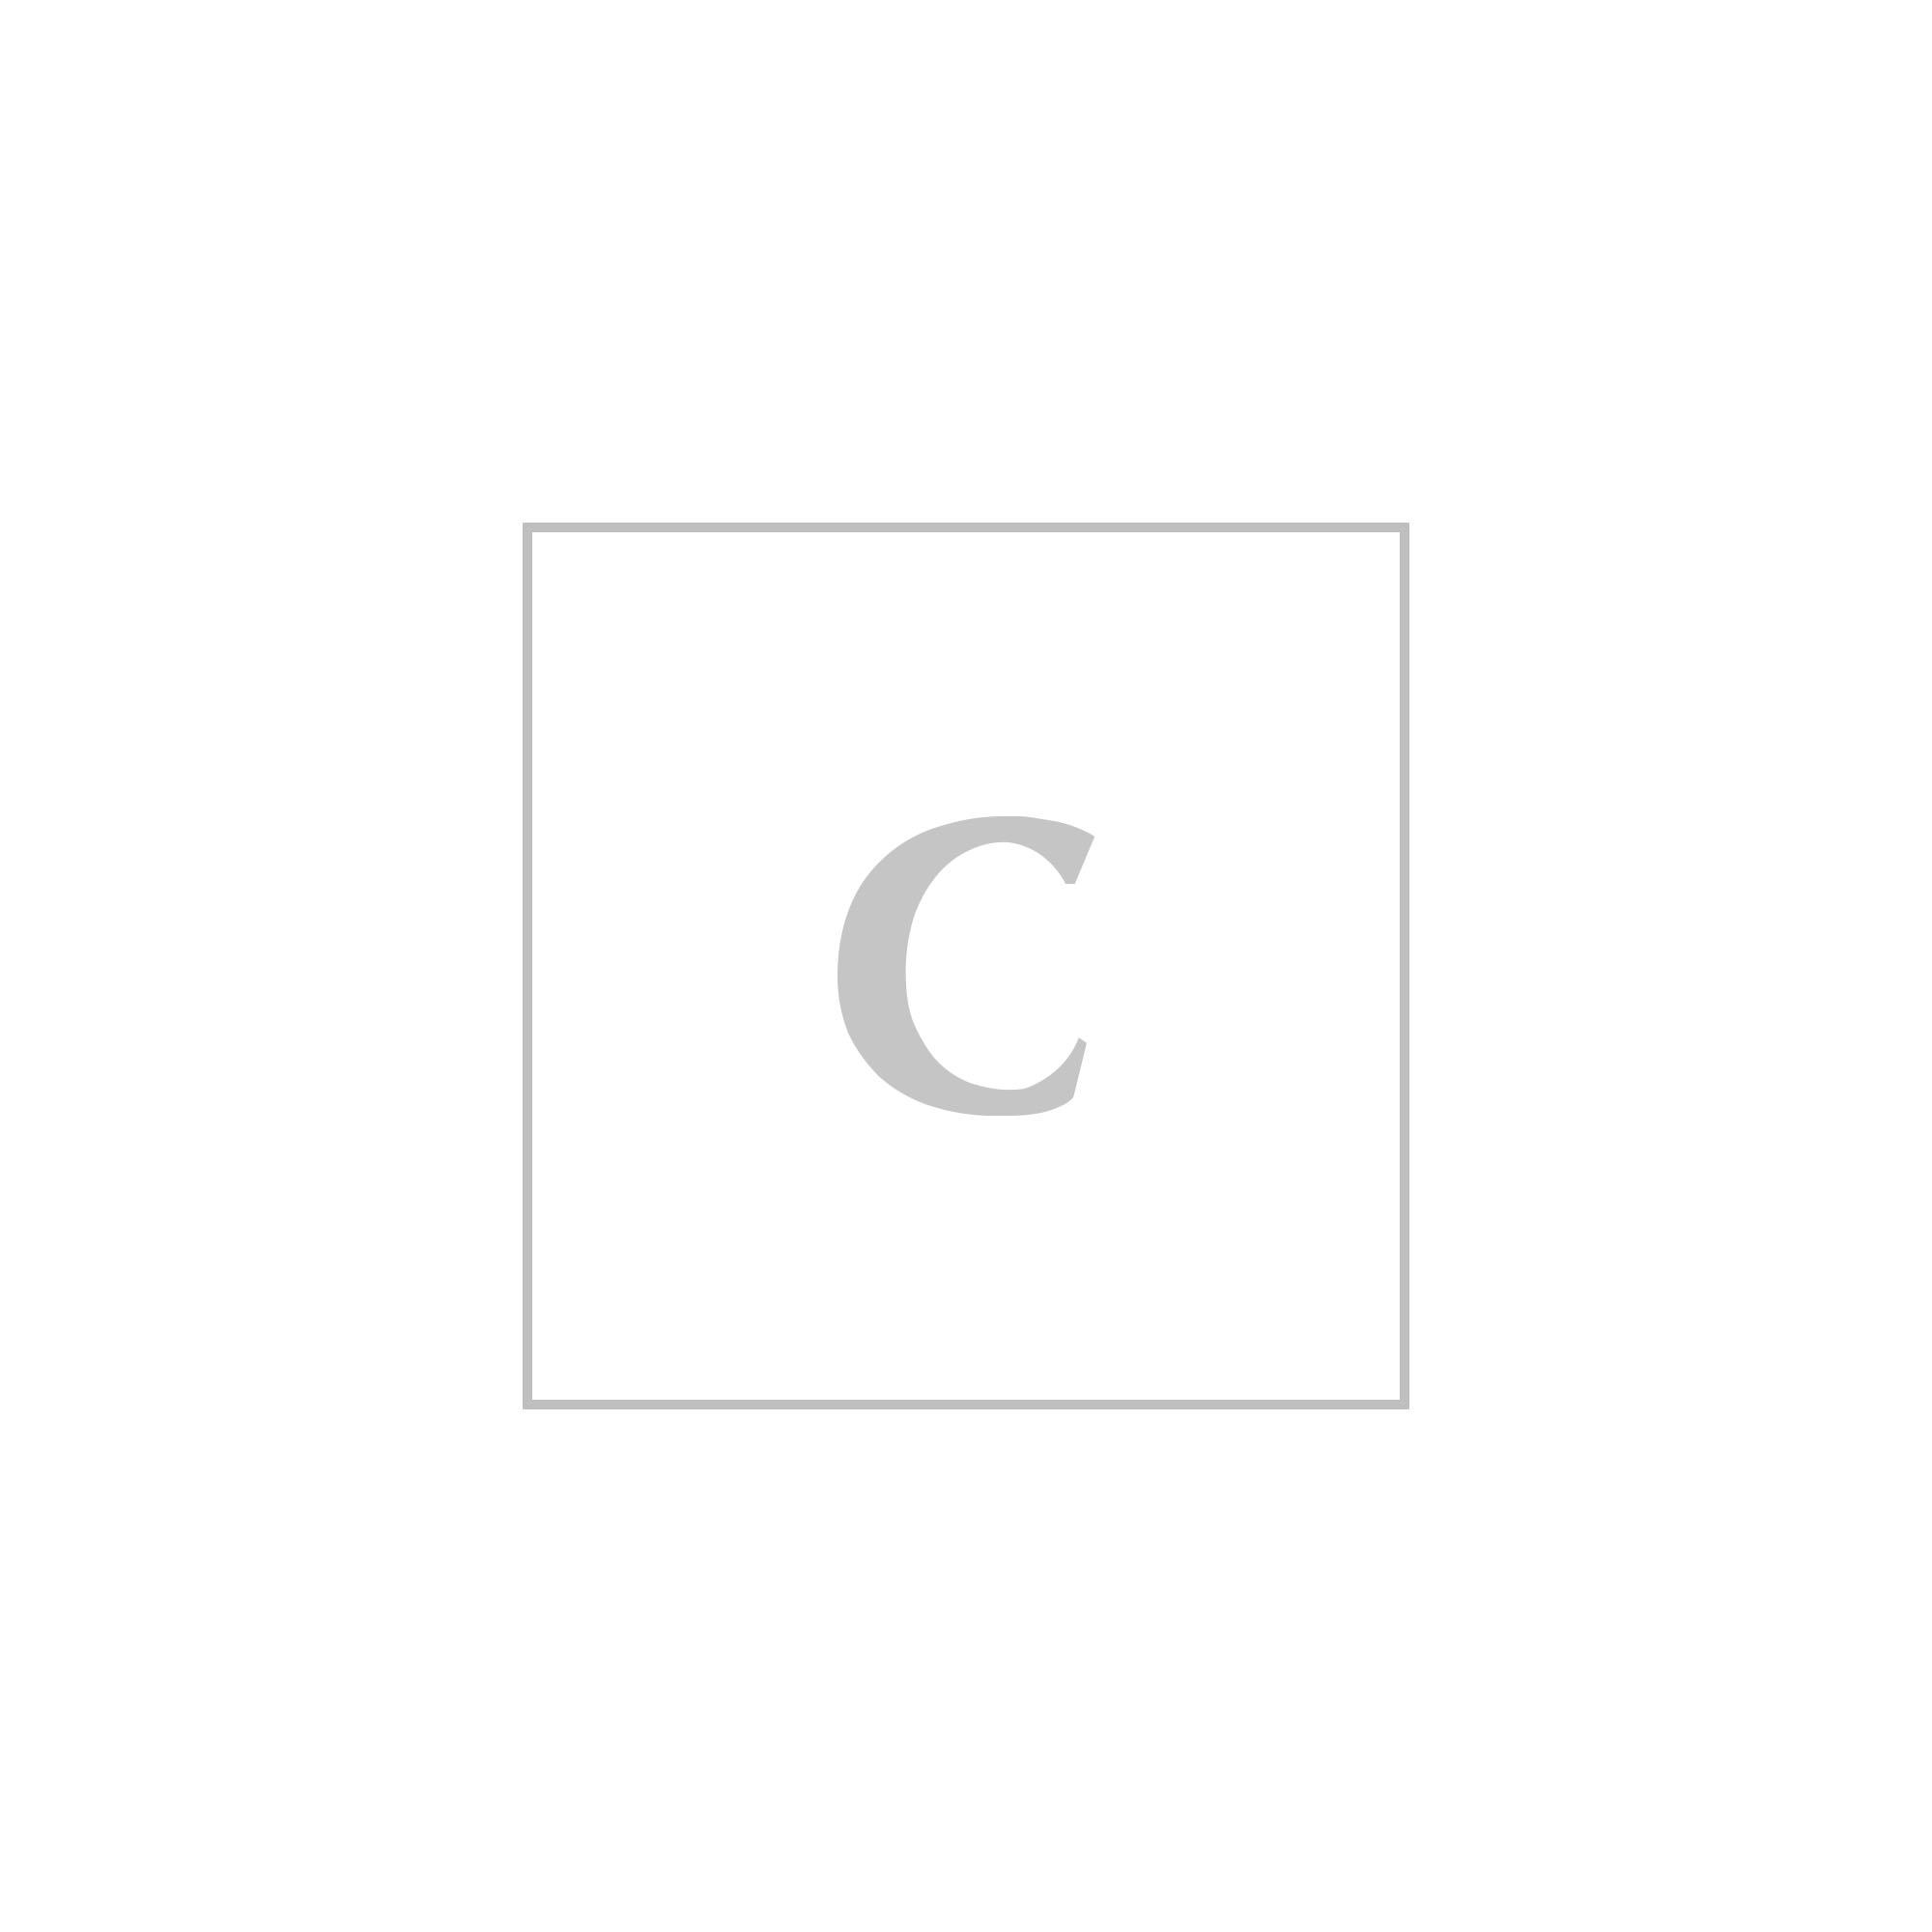 Fendi elite calfskin business card holder